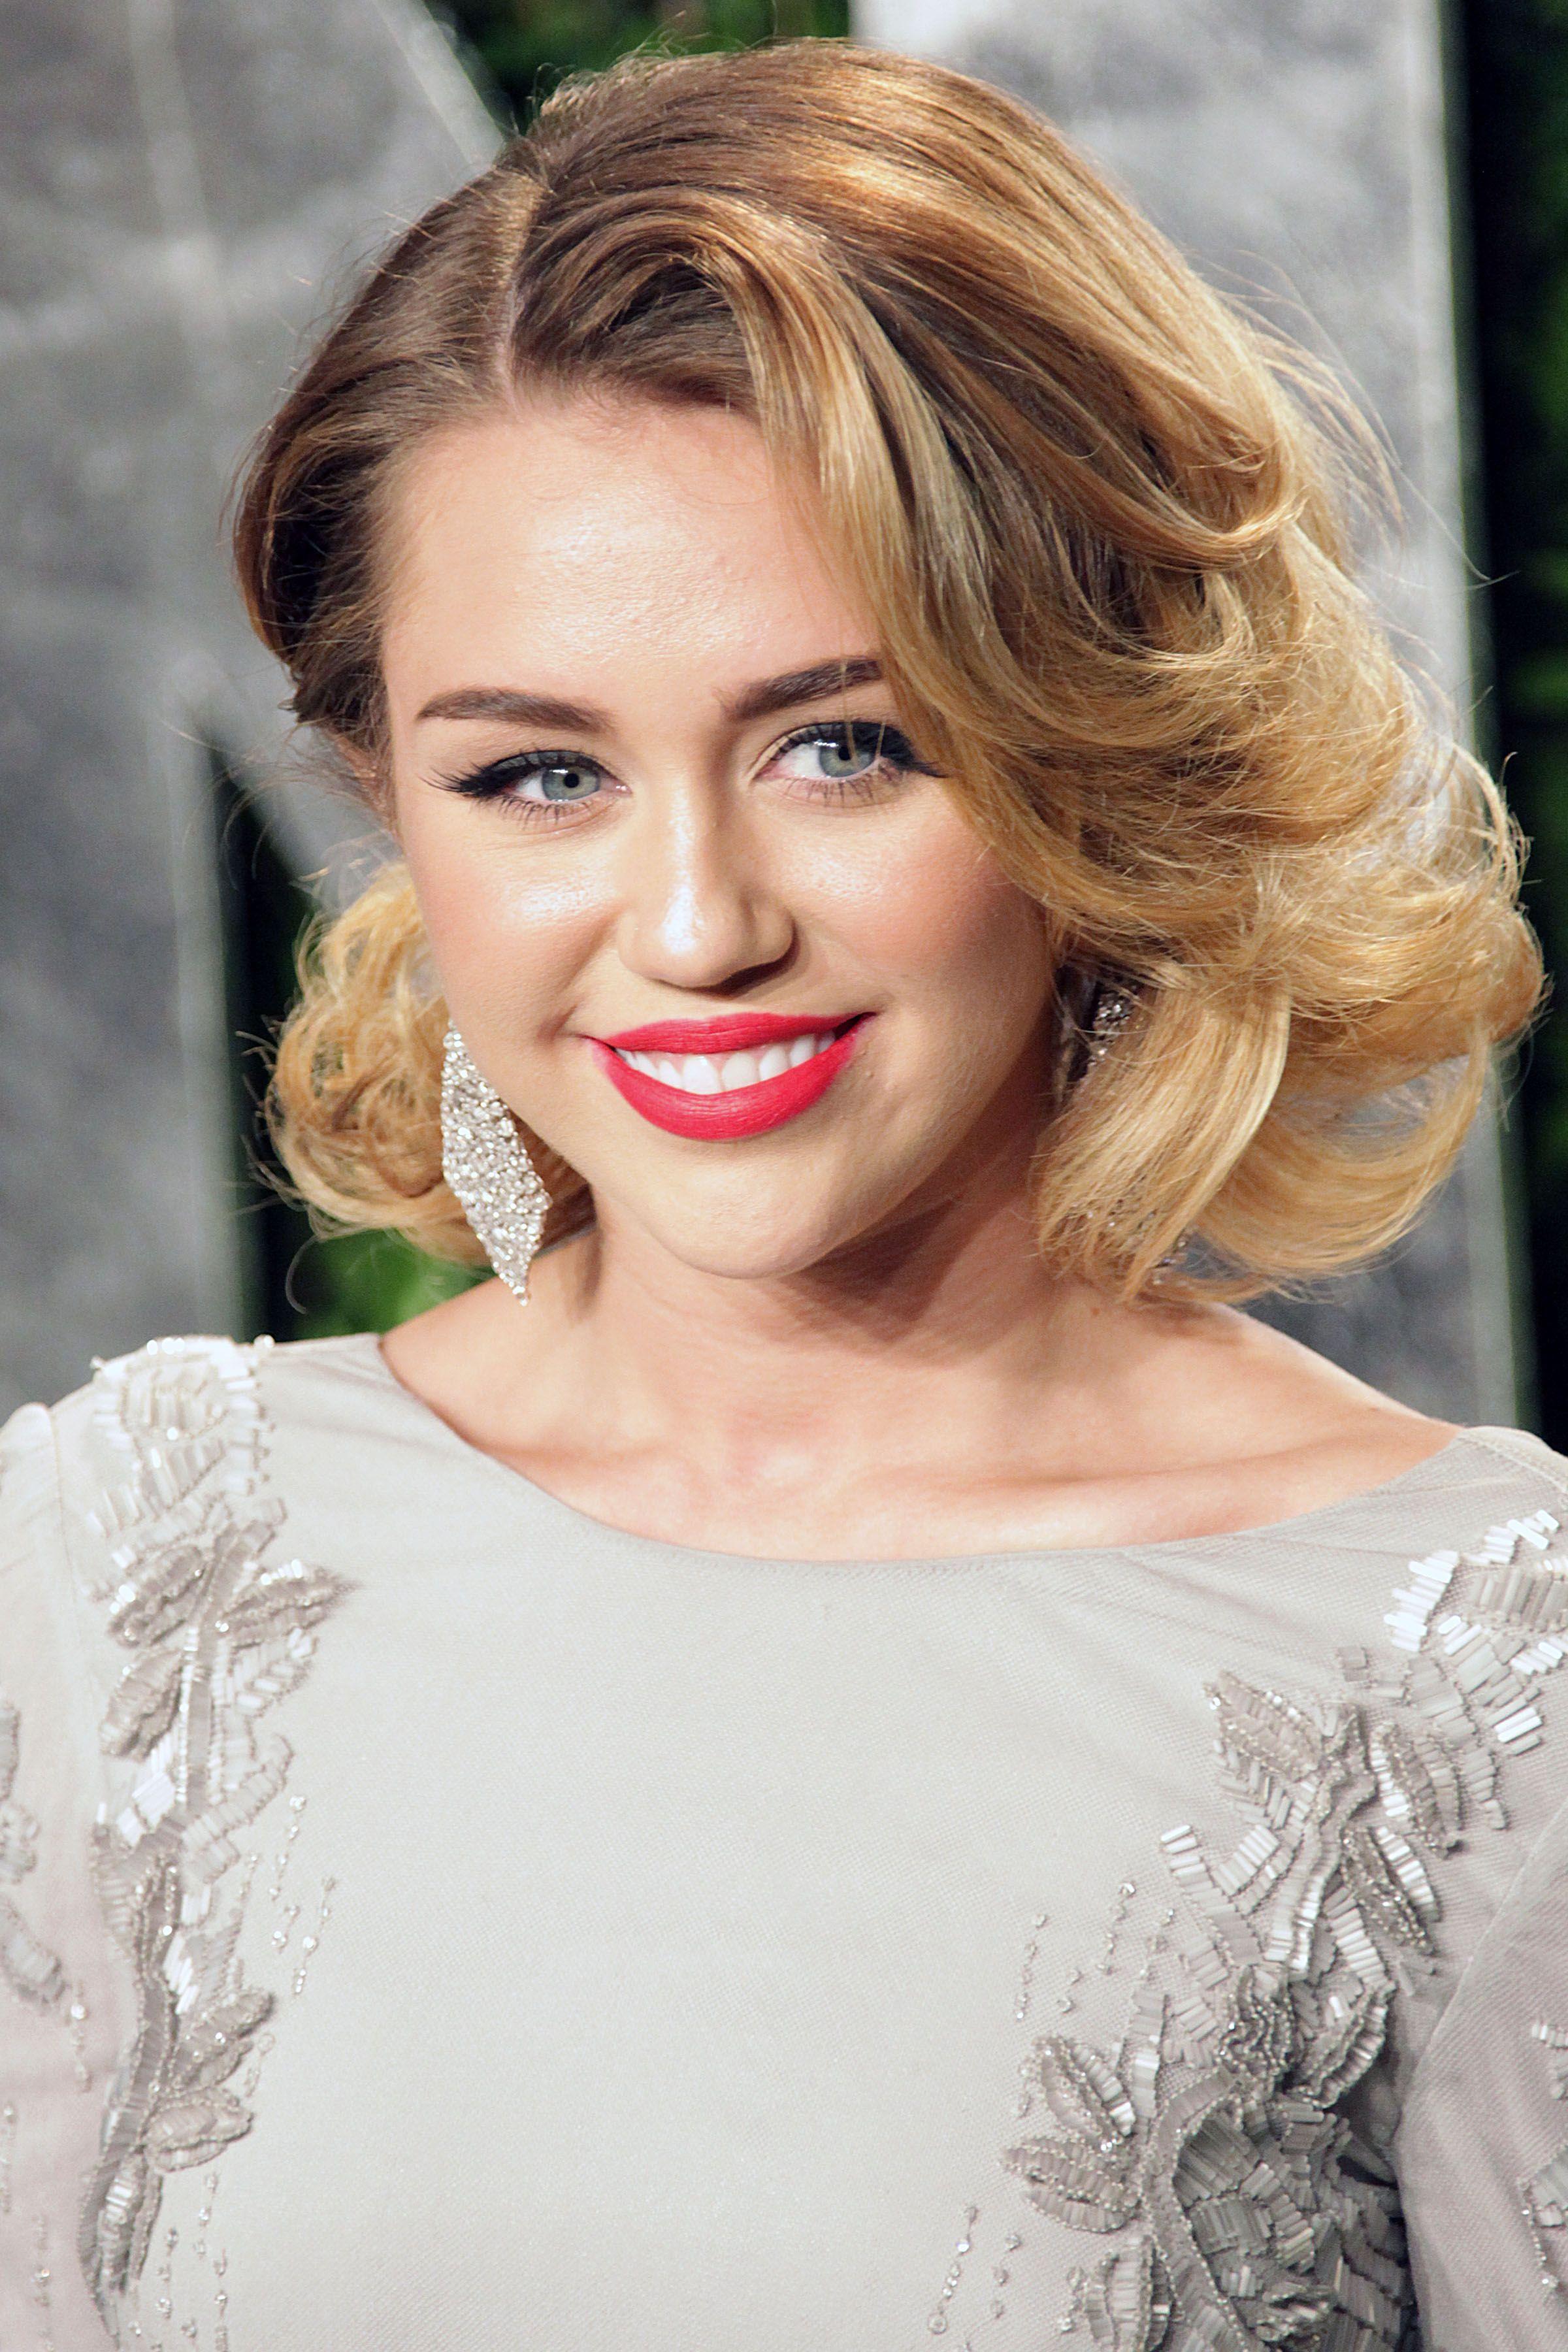 Miley Cyrus Medium Straight Cut - Shoulder Length ... |Miley Cyrus Shoulder Length Hair 2012